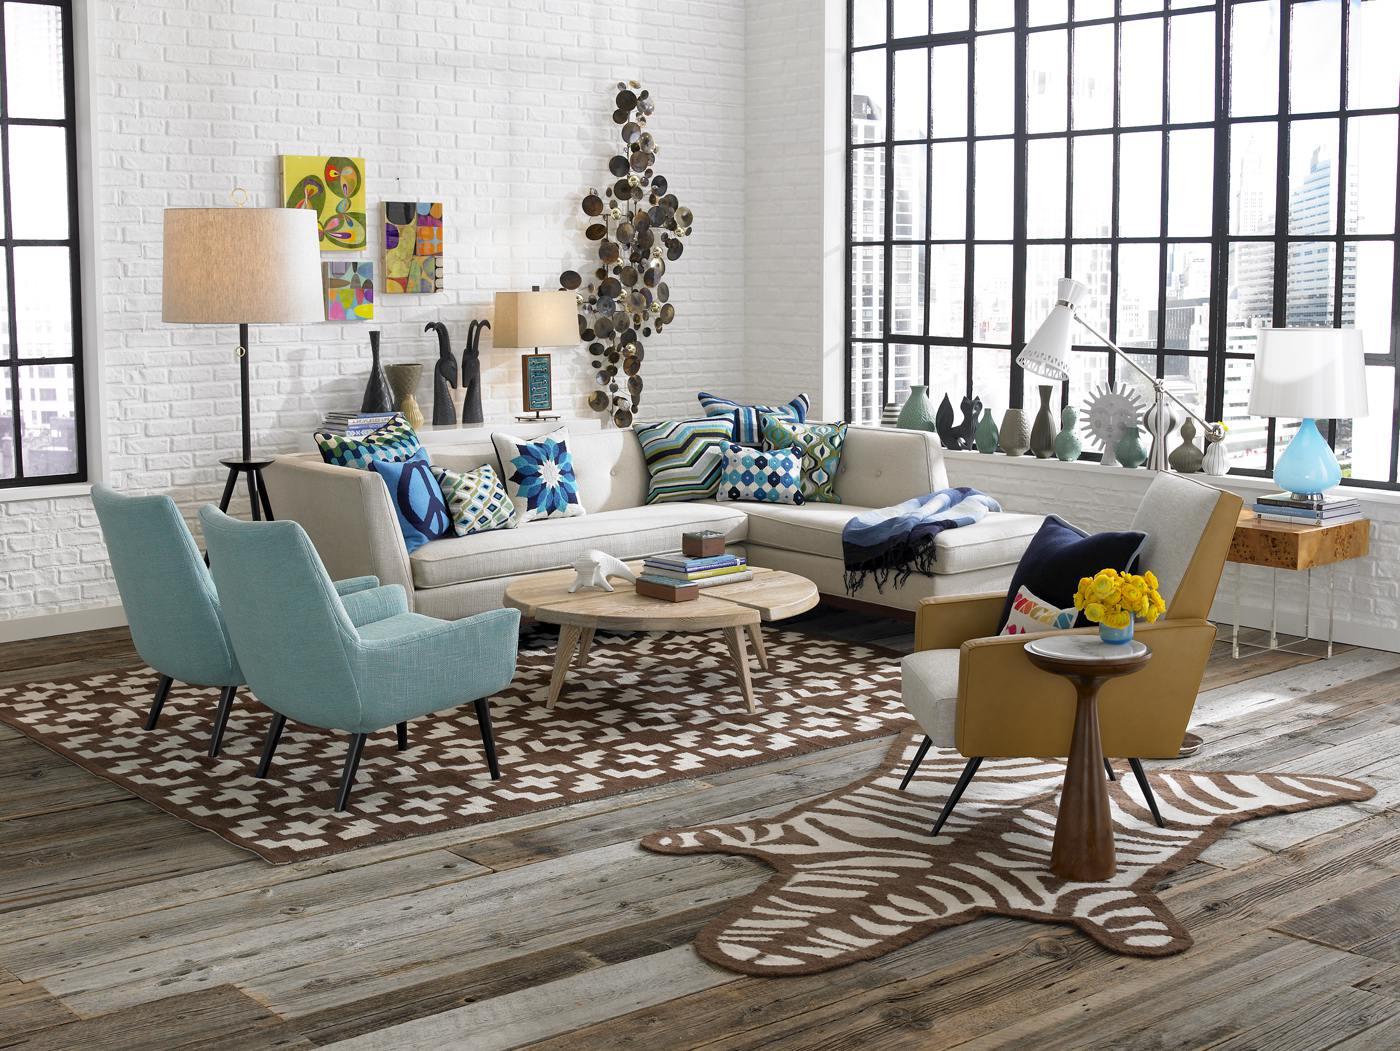 Jonathan adler - best interior design inspiration